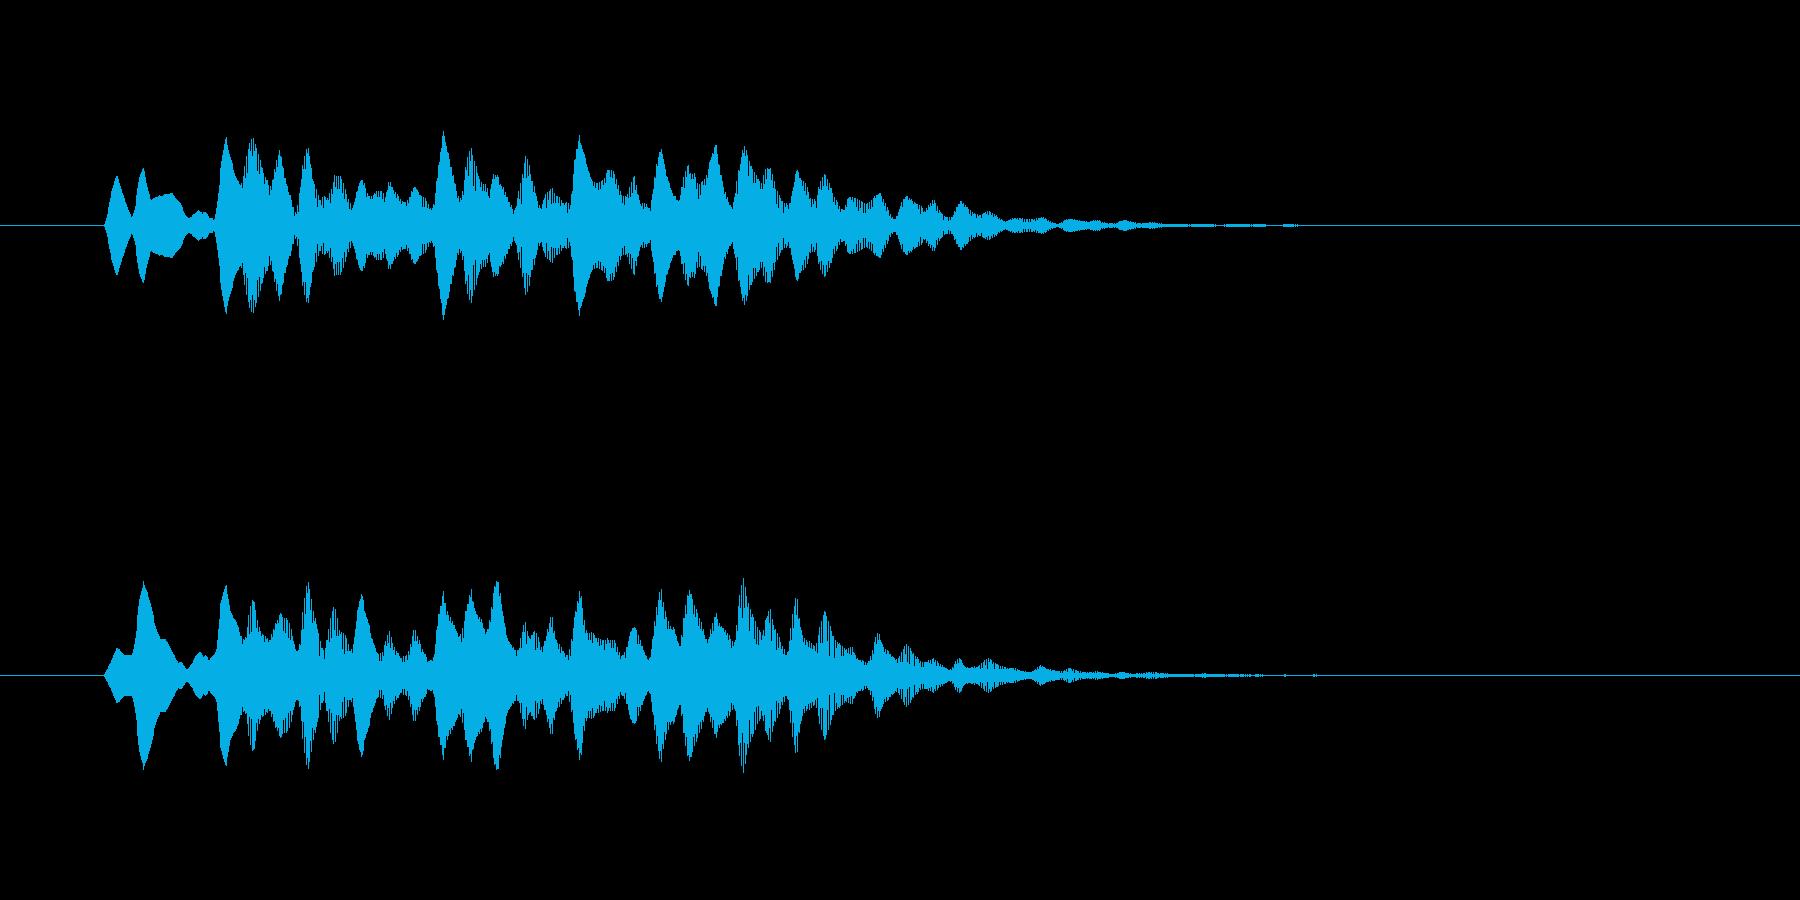 神秘的で幻想的なシンセジングルの再生済みの波形